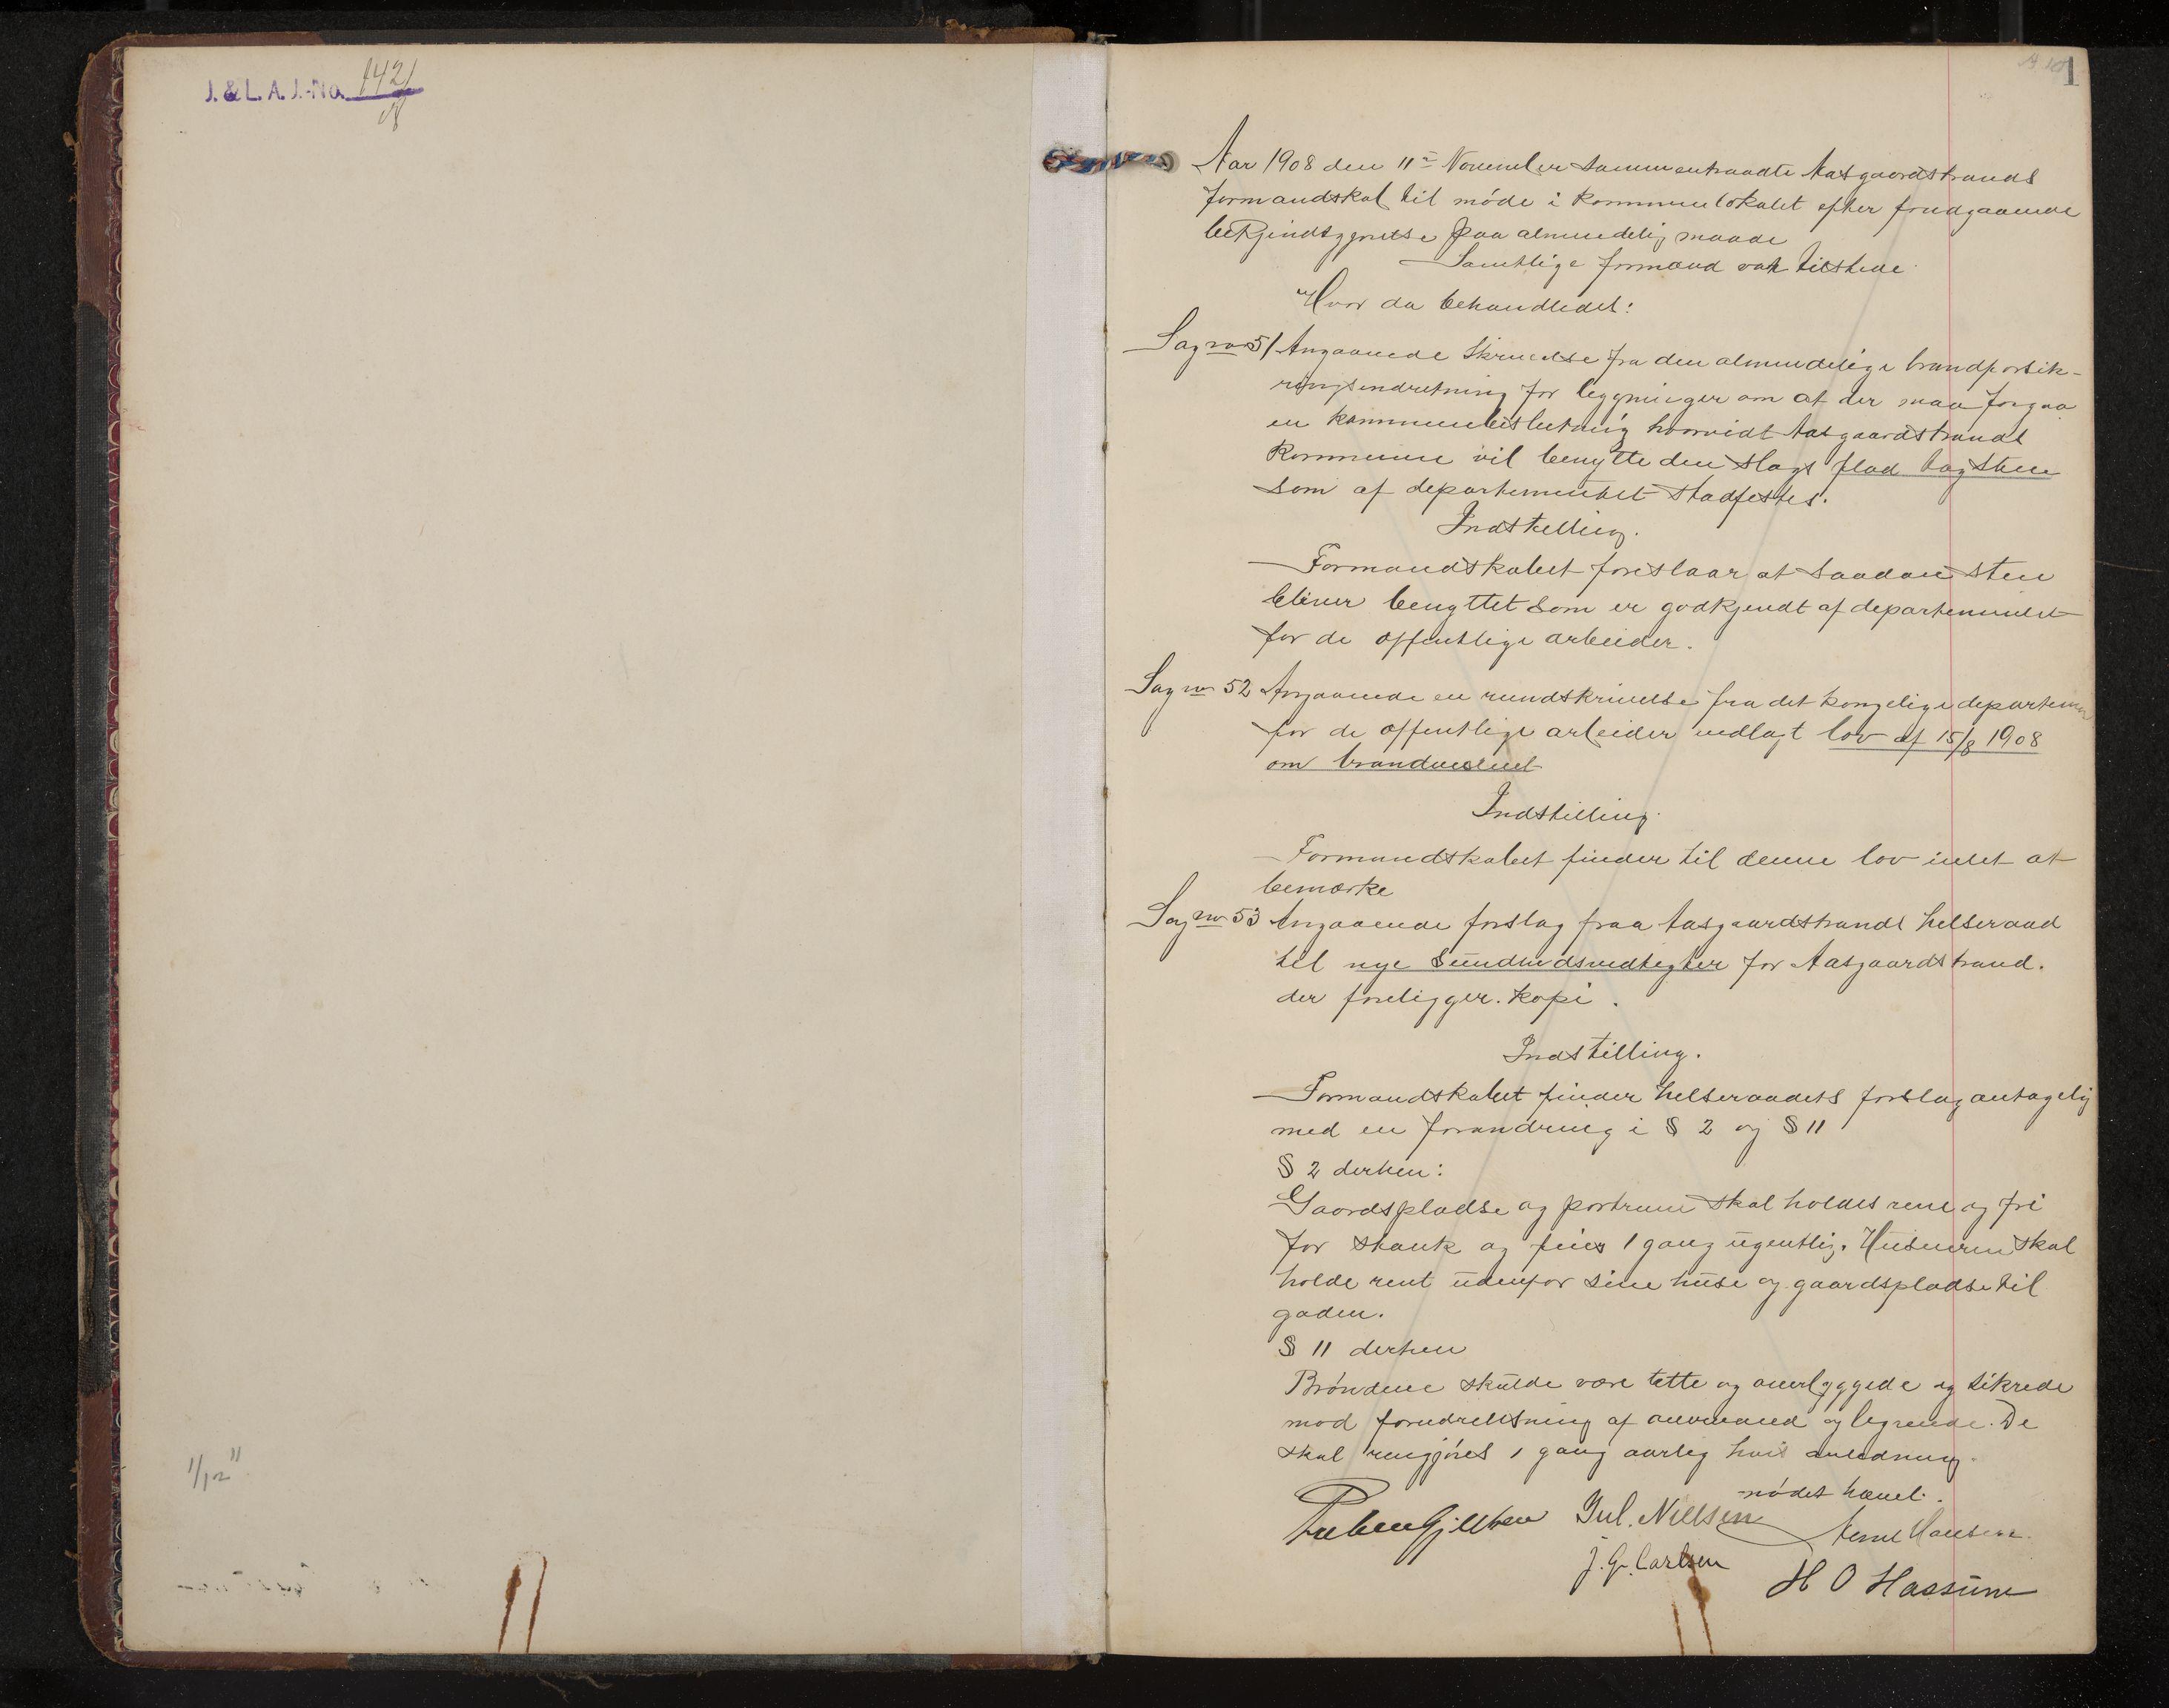 IKAK, Åsgårdstrand formannskap og sentraladministrasjon, A/L0004: Møtebok med register, 1908-1915, s. 1